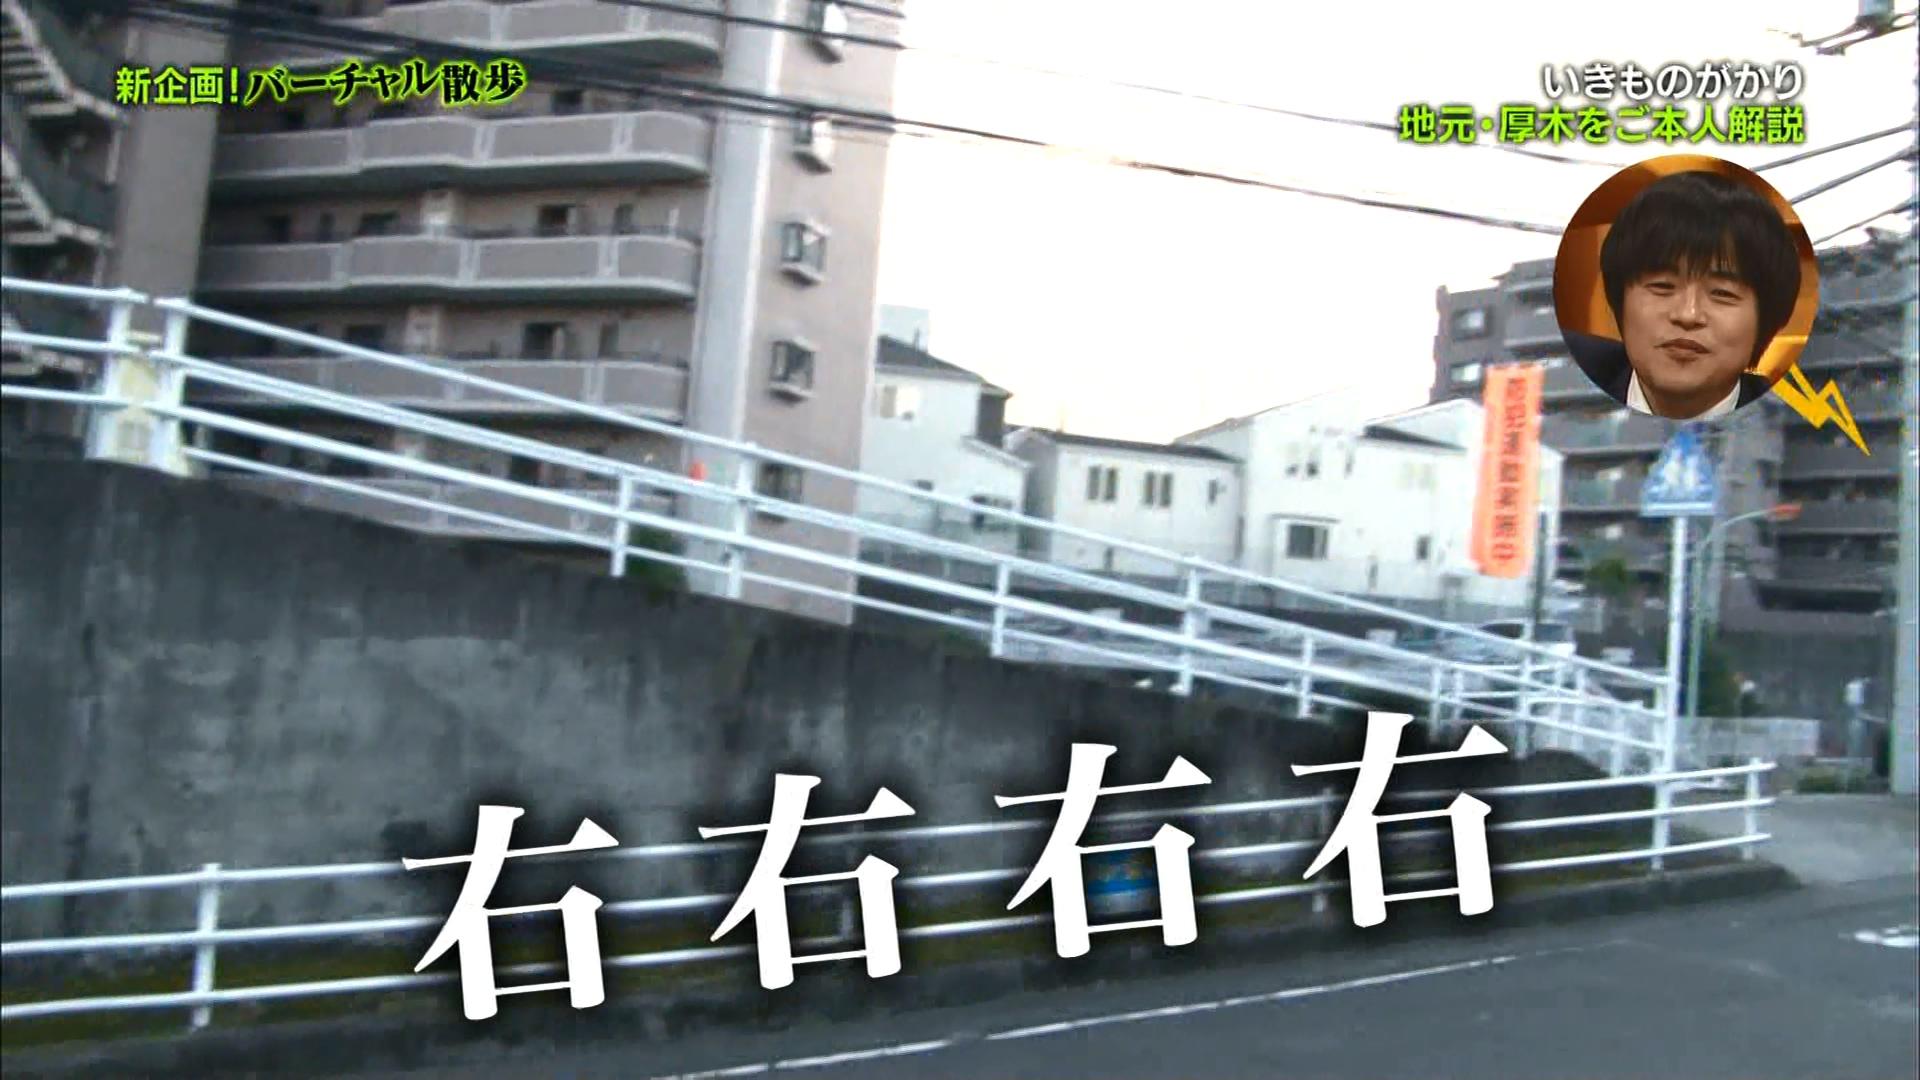 2016.03.11 全場(バズリズム).ts_20160312_013958.936